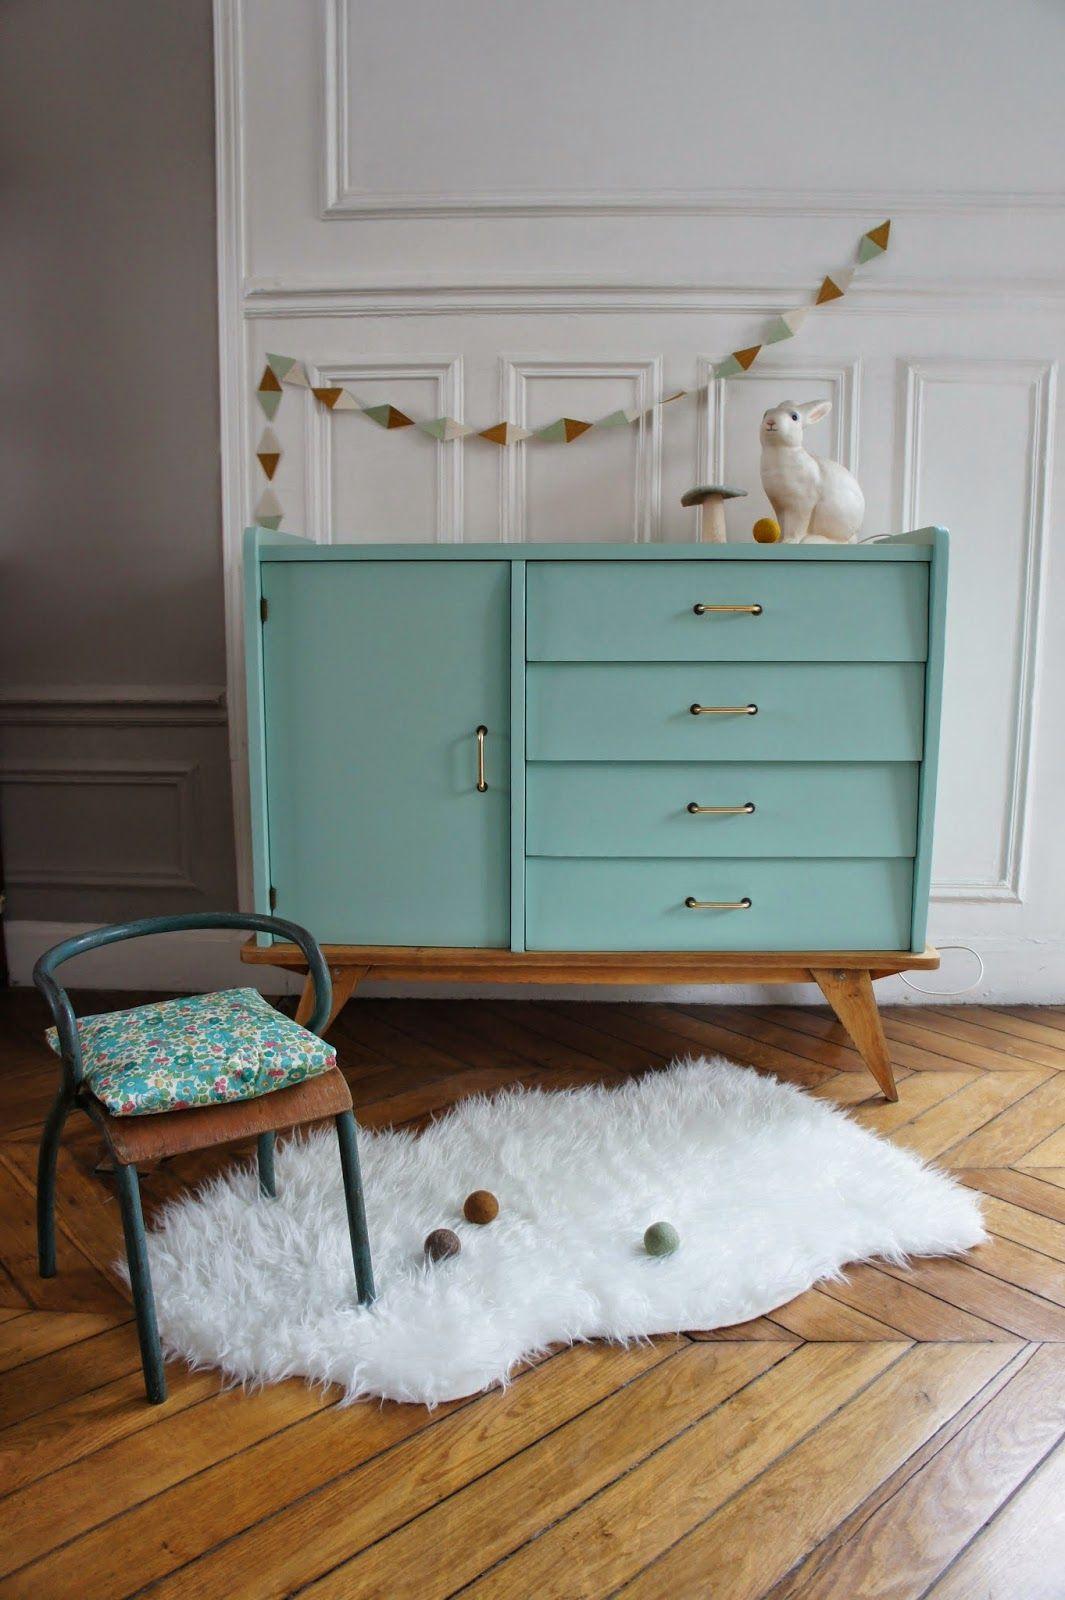 Pour relooker mon dernier meuble trouv dans ma caverne d 39 ali baba - Pieds de meuble vintage ...